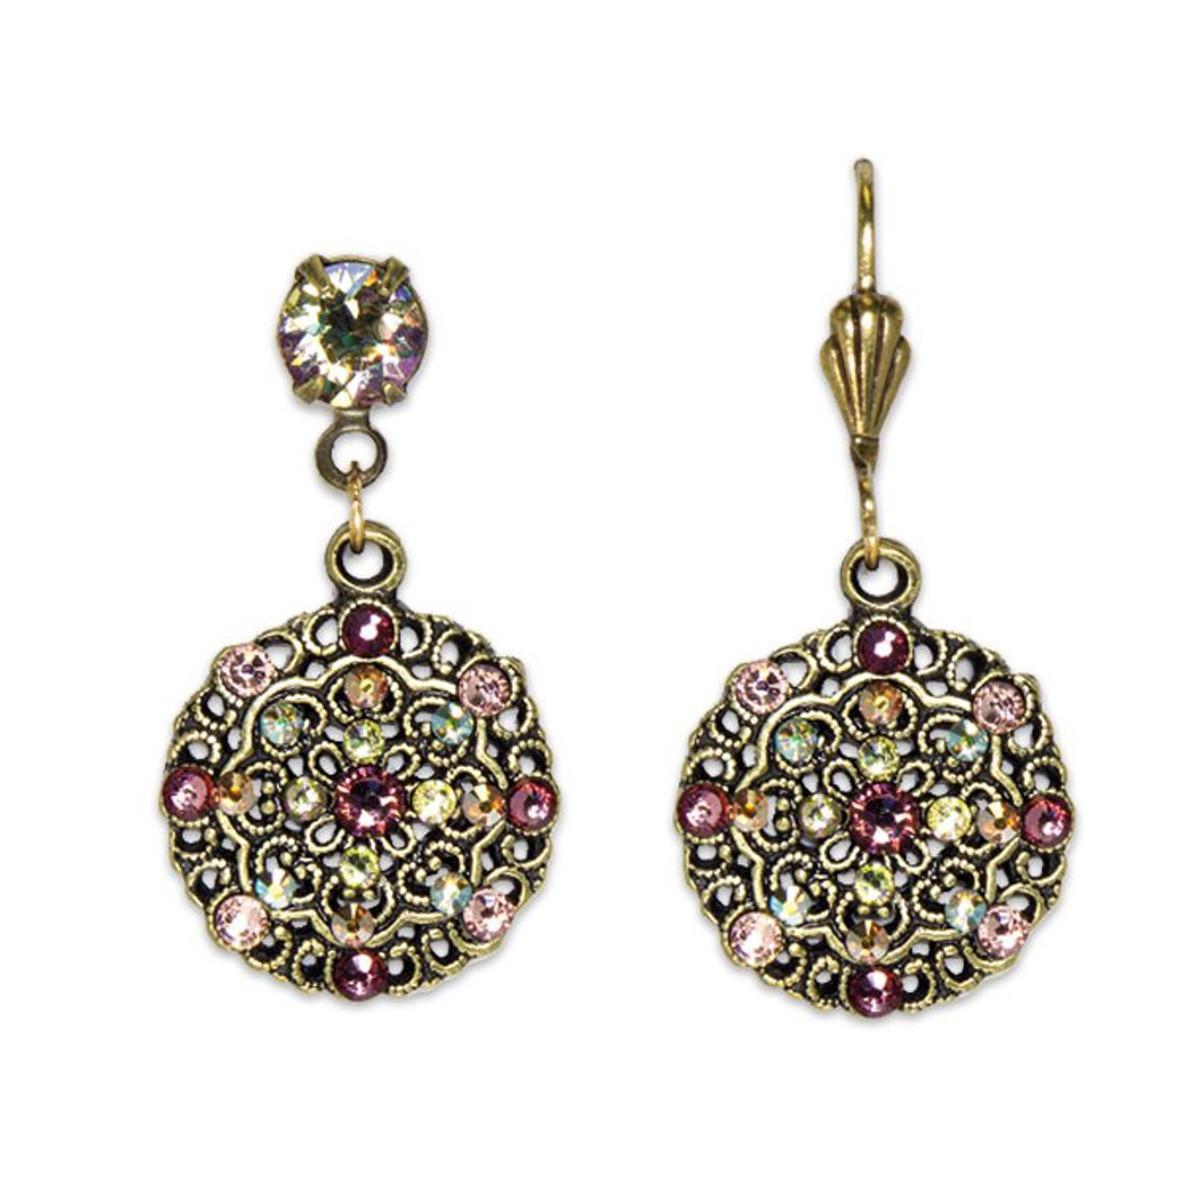 Anne Koplik Belle Epoch Style Blush Earrings